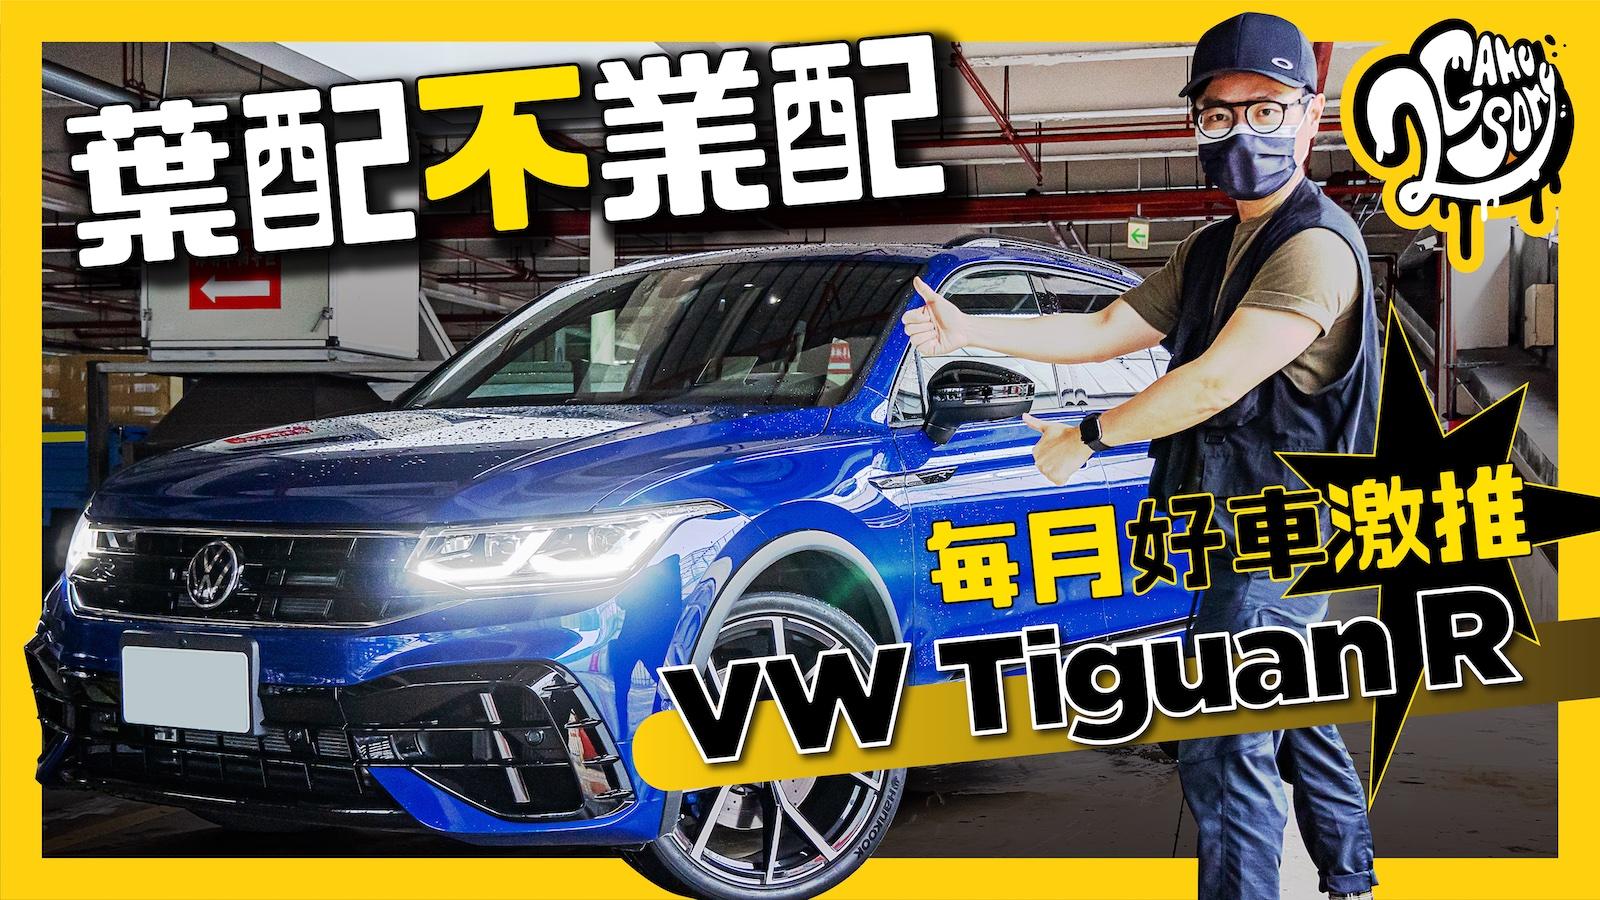 葉配不業配 每月好車激推 VW Tiguan R 10 分鐘重點分析!各媒體評價幫你整理